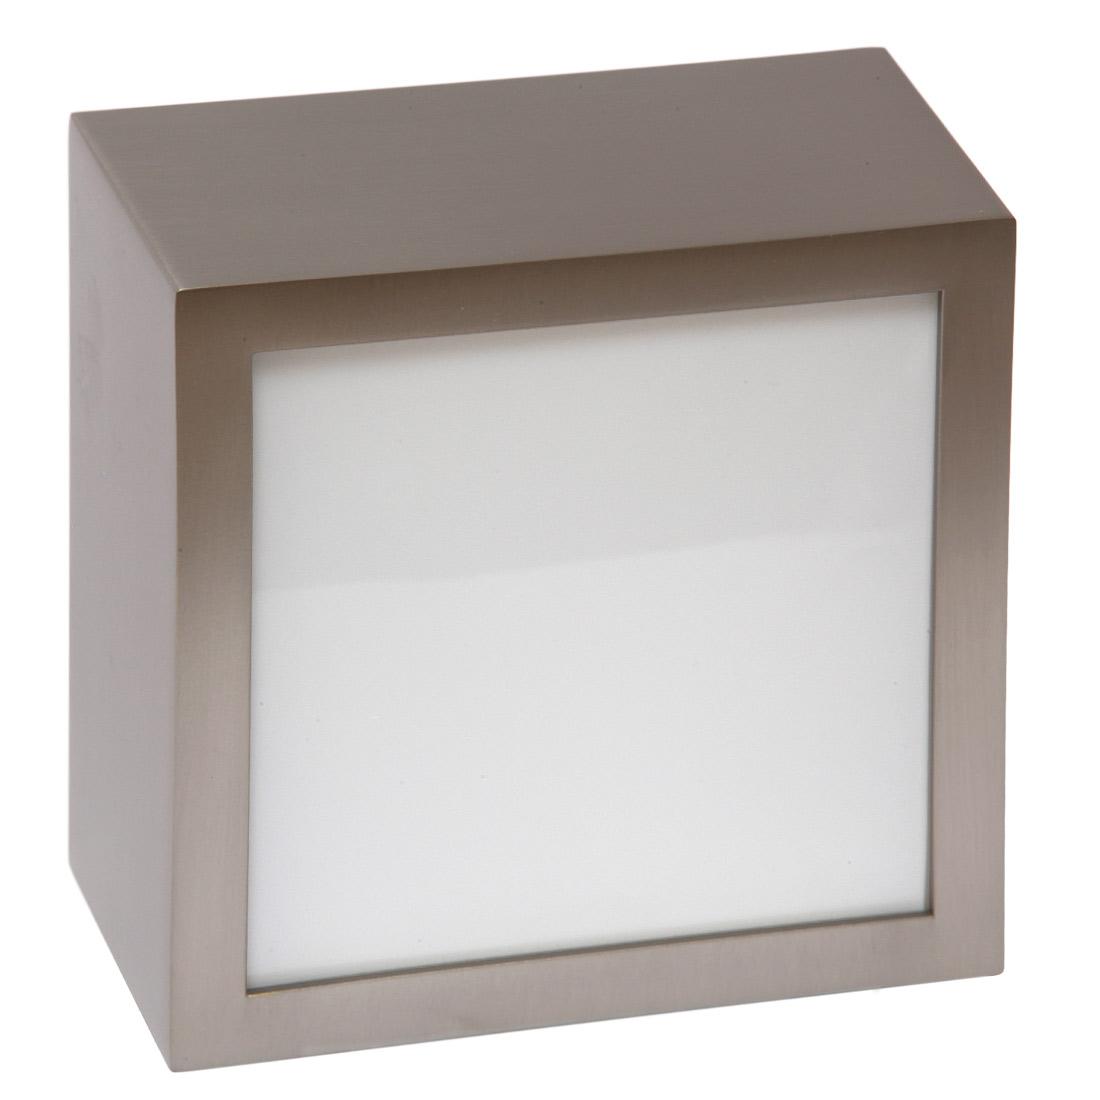 ip44 quadratische badezimmer-deckenleuchte - casa lumi, Badezimmer ideen